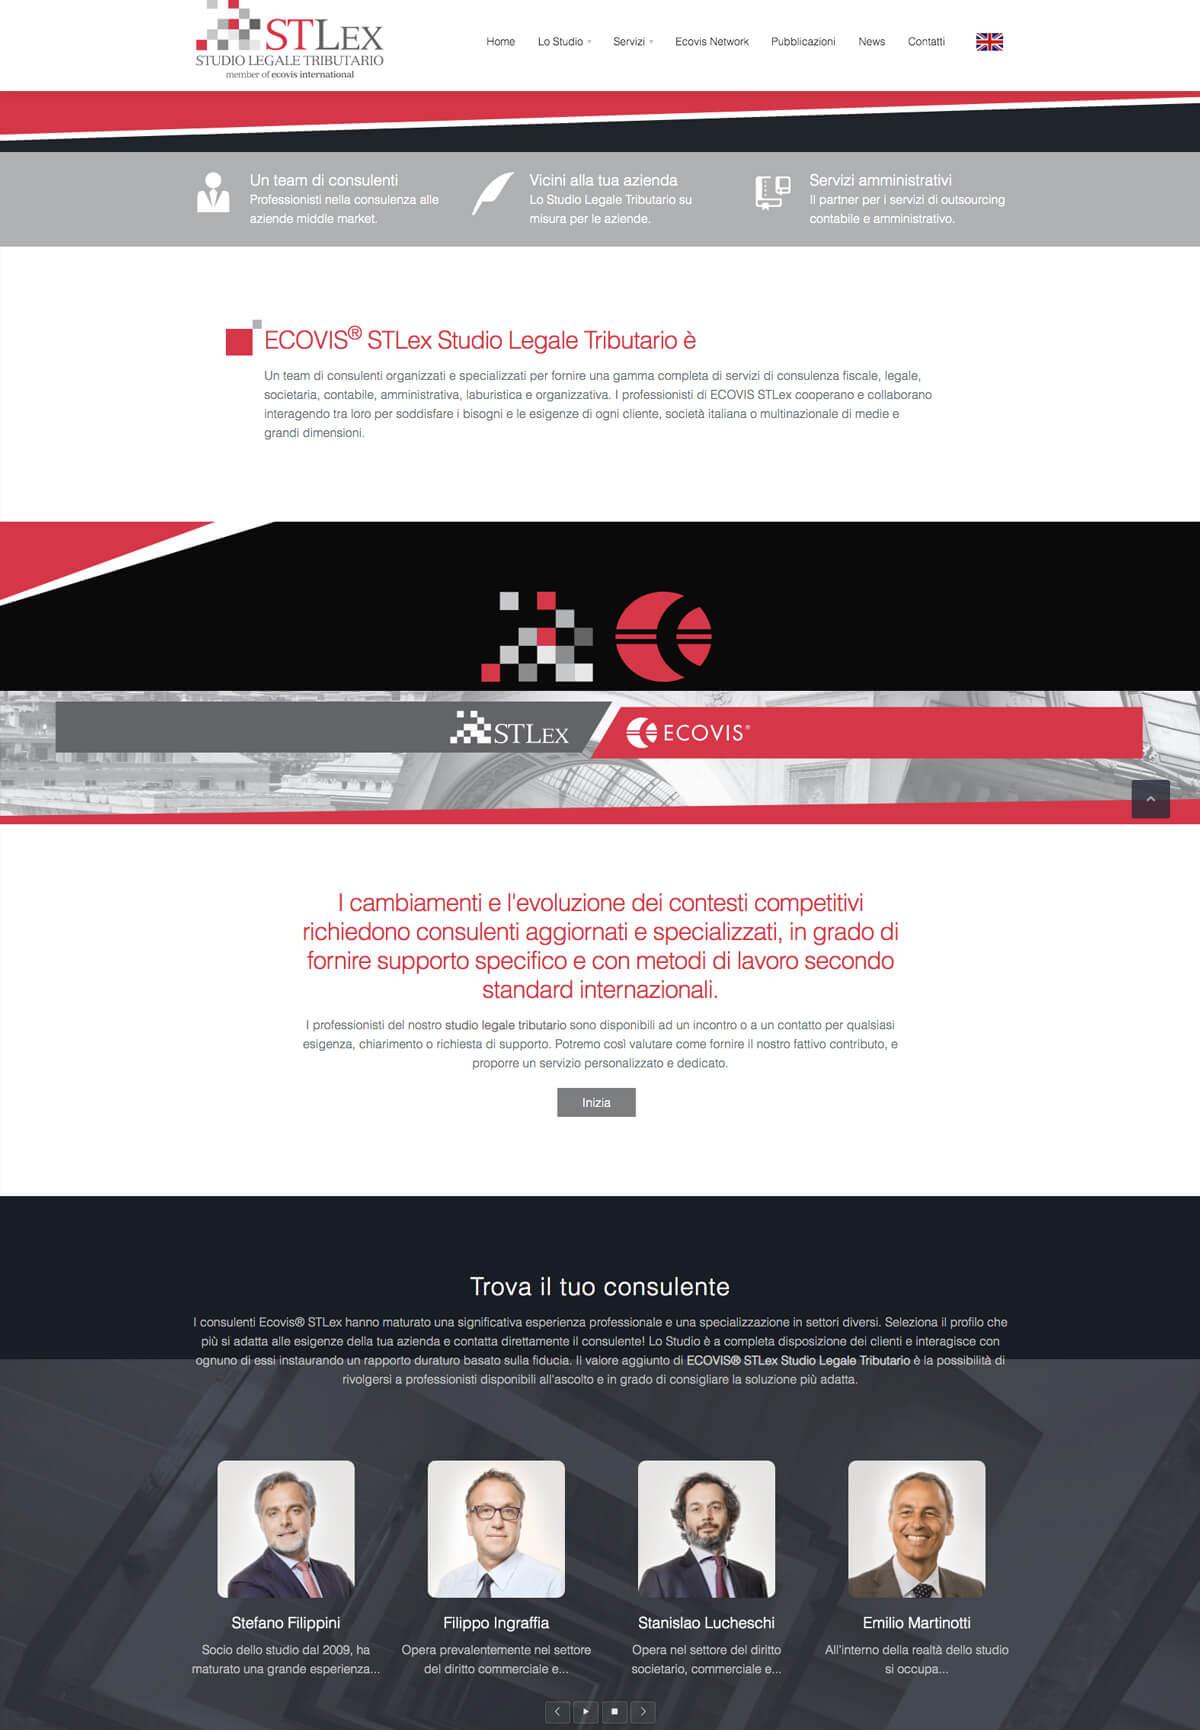 Stlex - Sito Web Torino